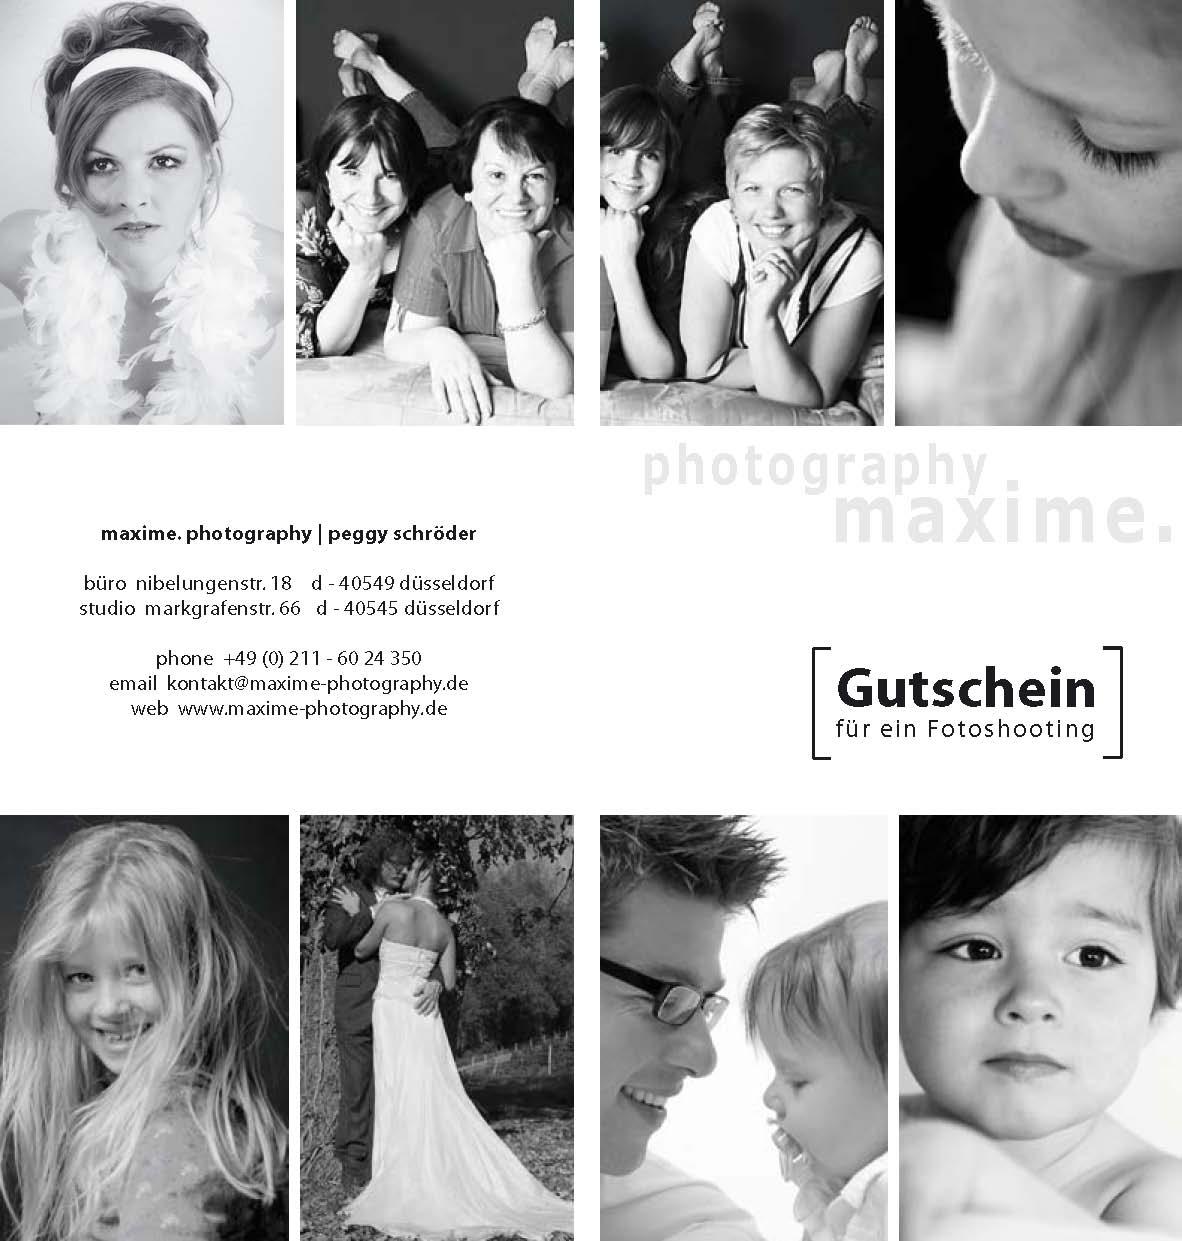 Gutschein Fuer Ein Professionelles Fotoshooting In 40476 Dusseldorf